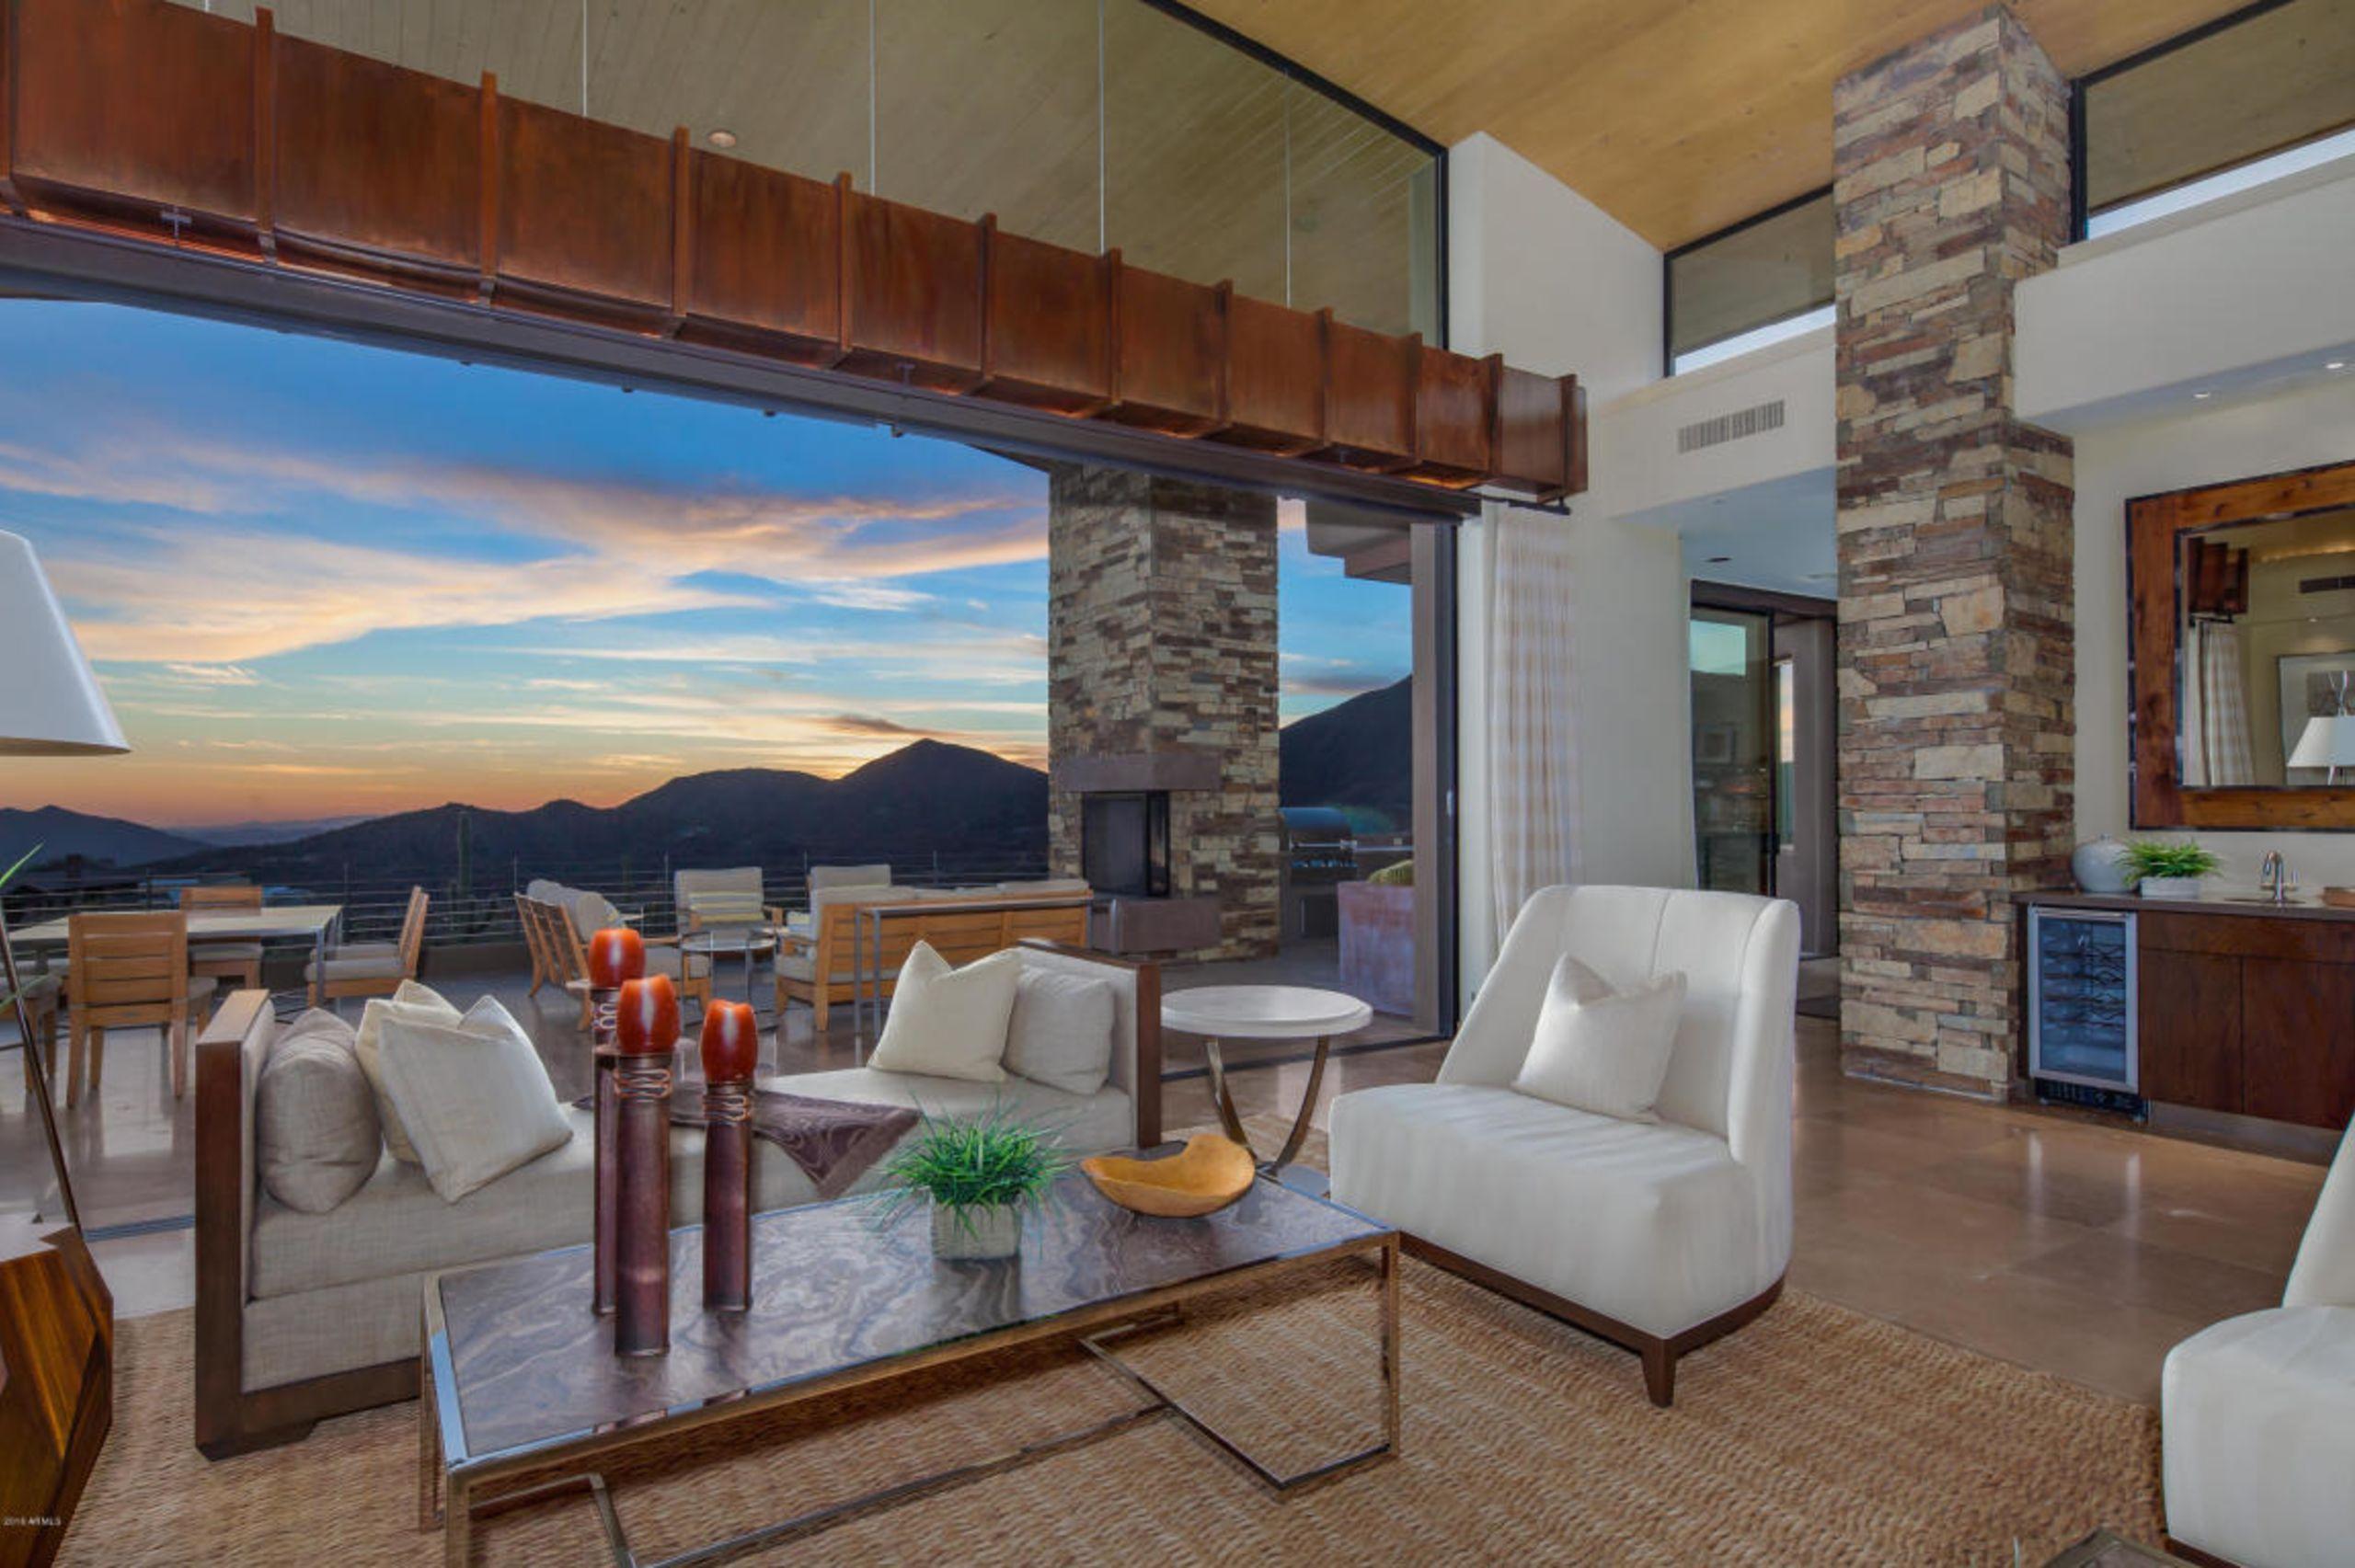 Bing Hu Architectural Masterpiece | North Scottsdale | MLS 5512499